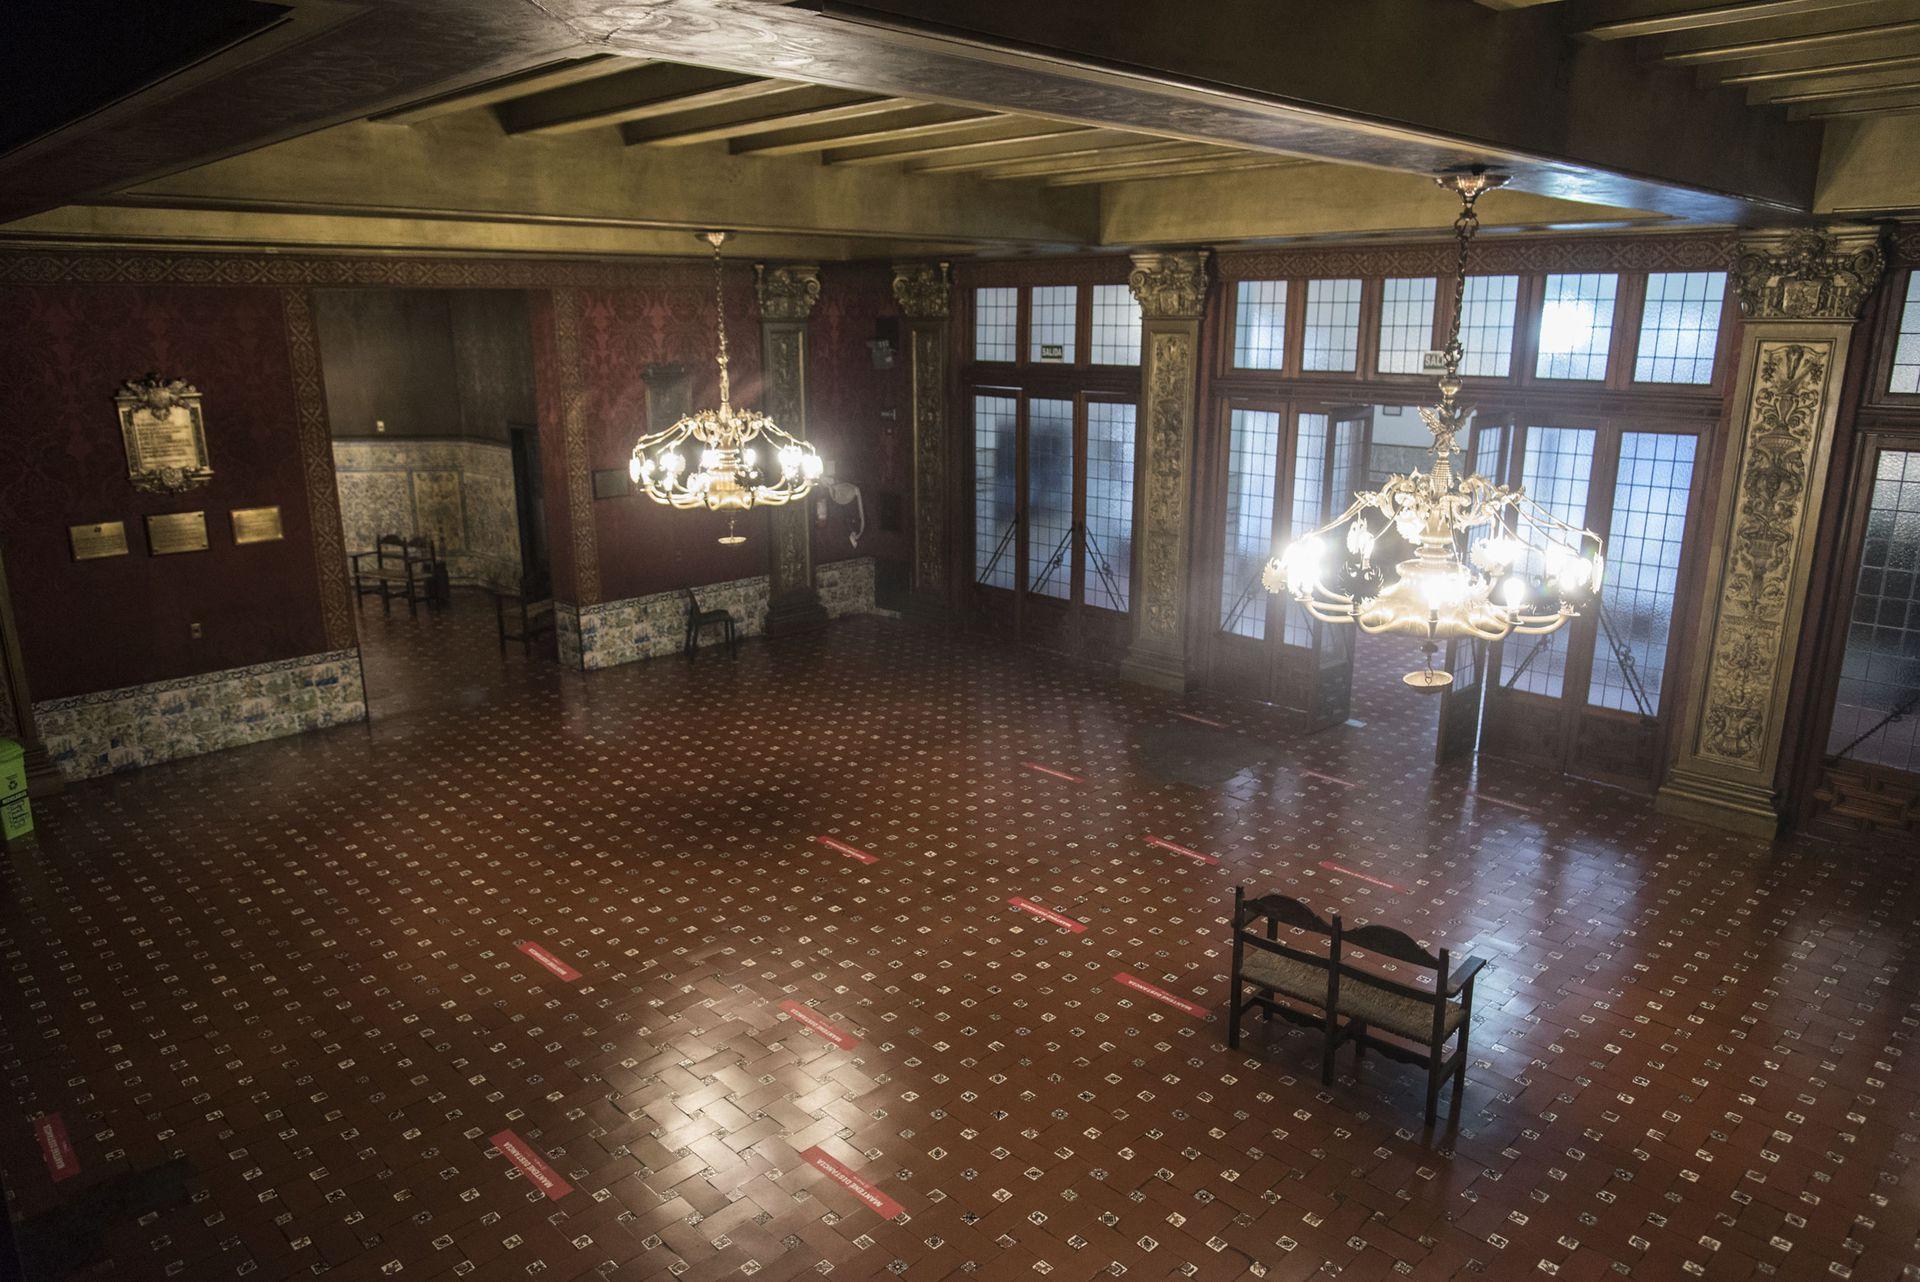 Hall central del Cervantes. El piso de cerámica traída de Ronda, España, ha sido mudo testigo de infinidad de acontecimientos artísticos, políticos, sociales y gremiales que tuvieron lugar allí